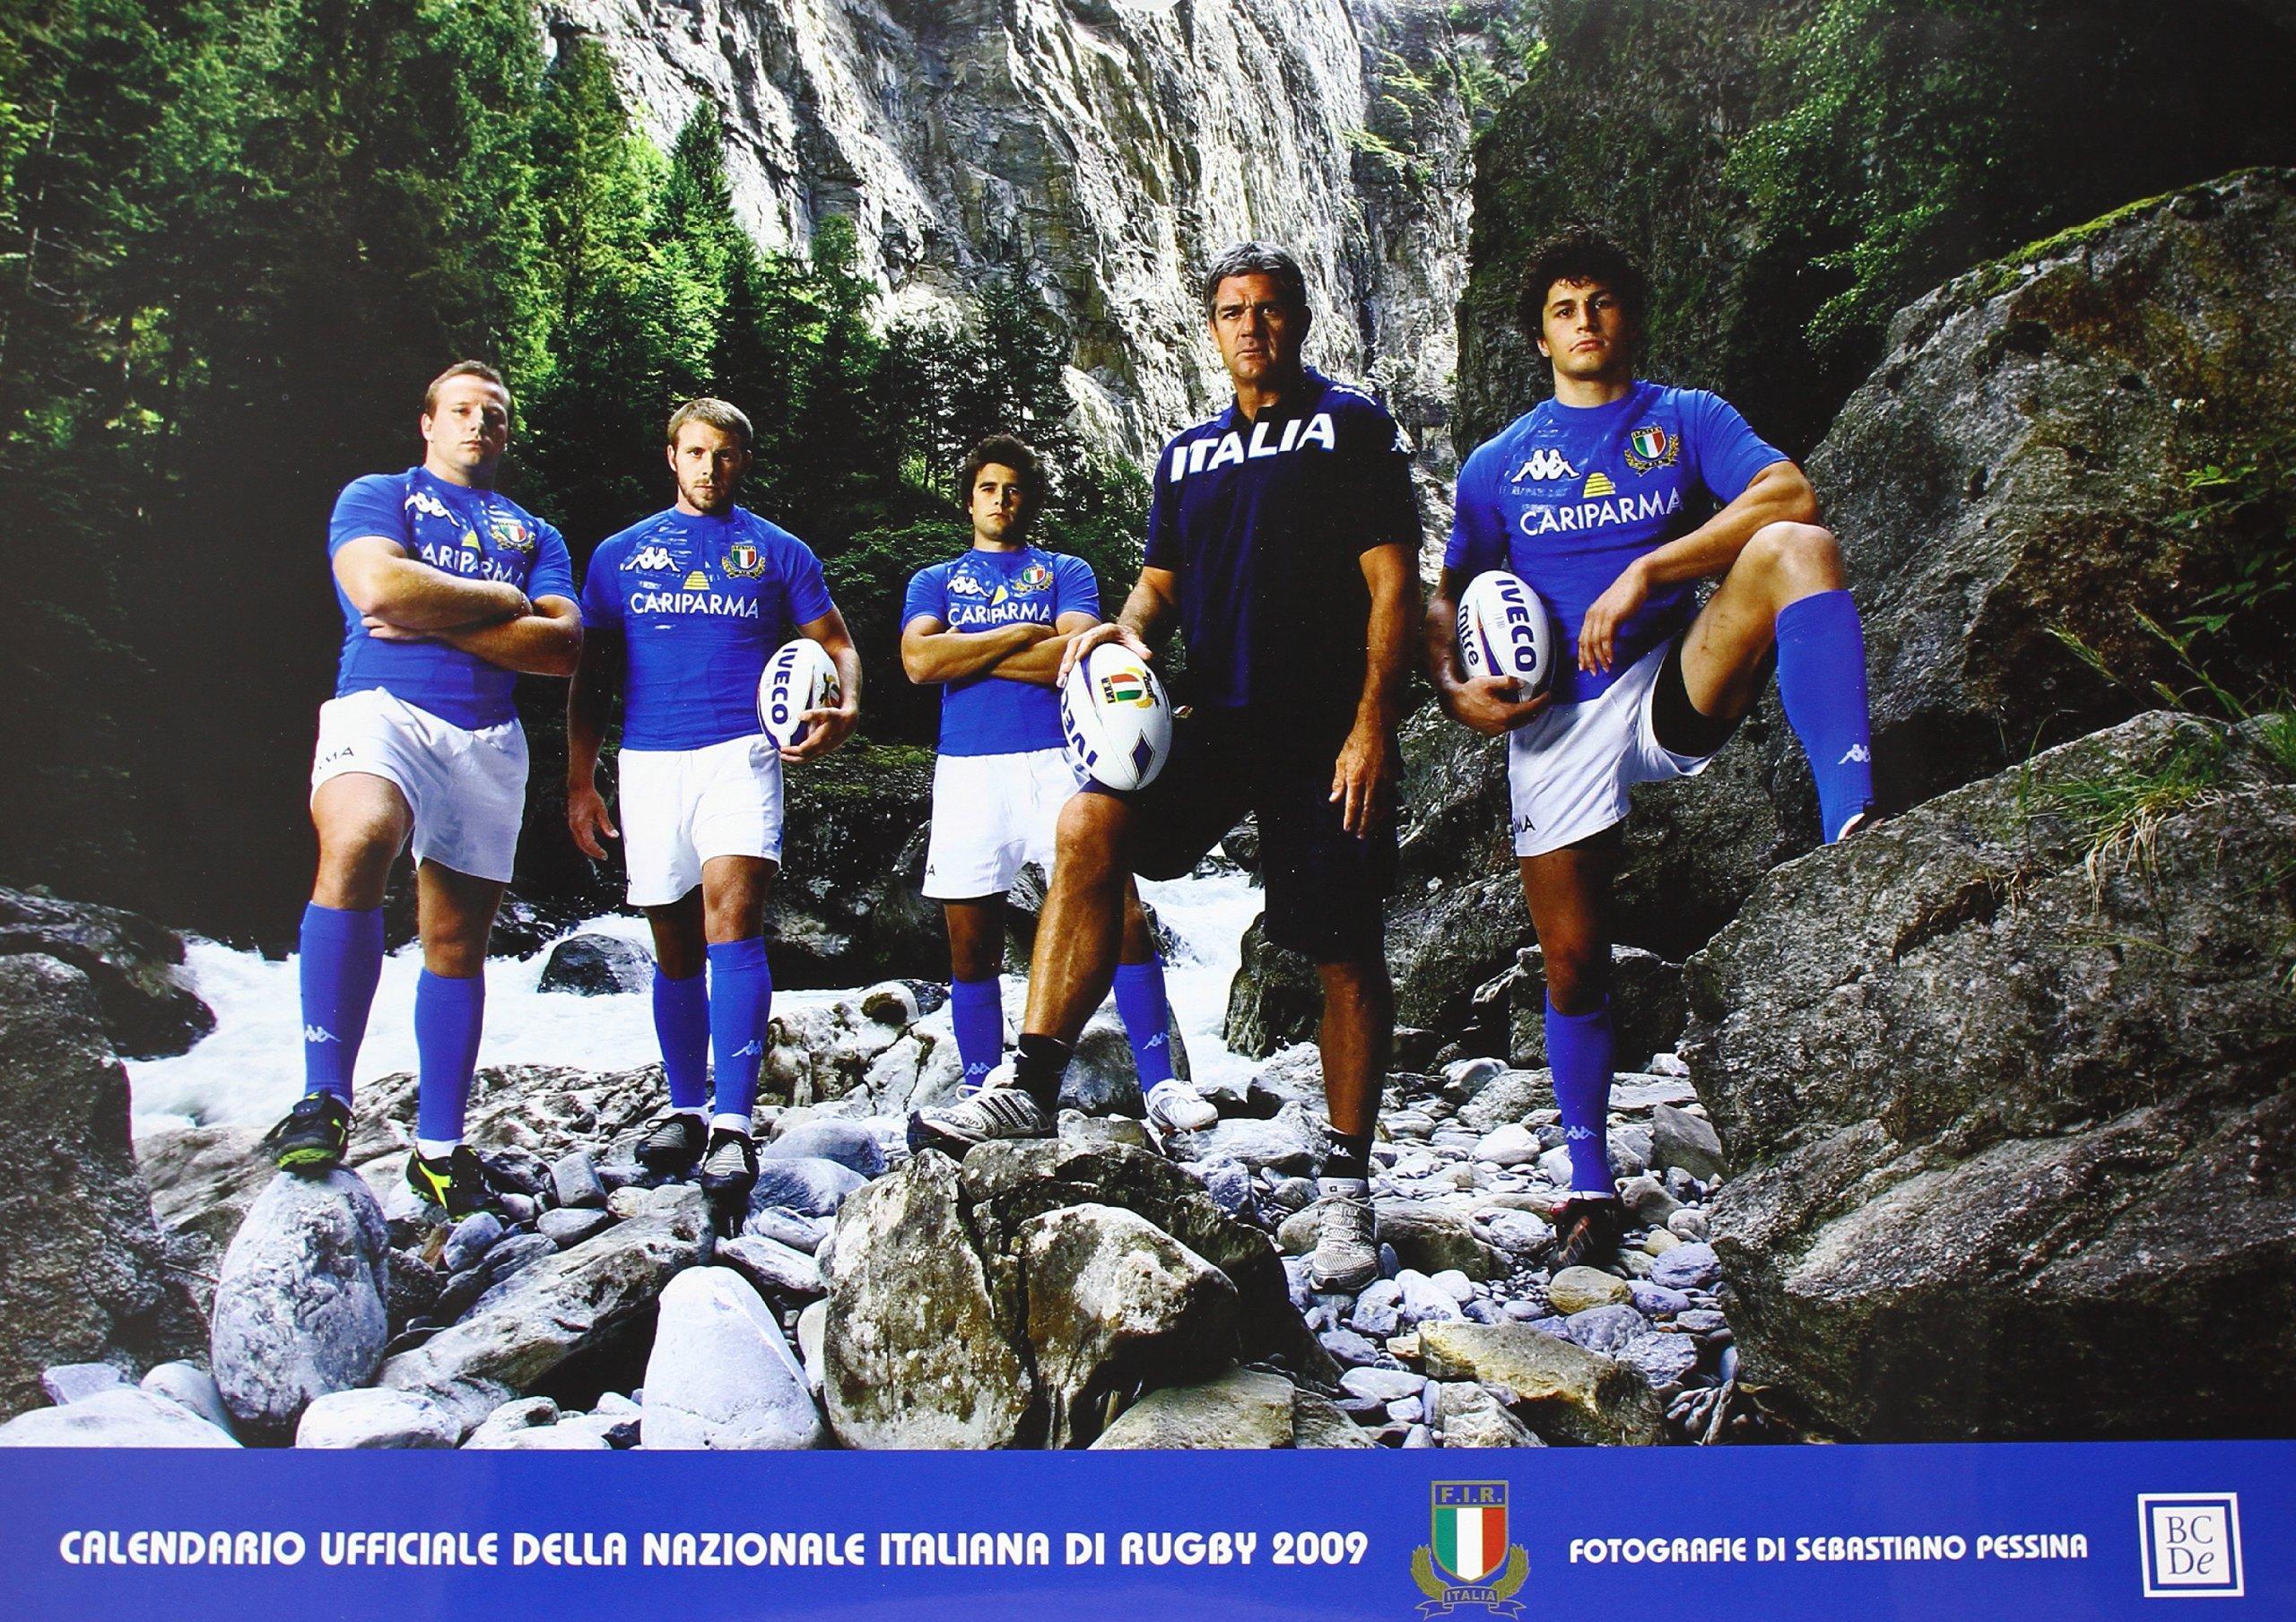 Italia Nazionale Calendario.Calendario Ufficiale Della Nazionale Italiana Di Rugby 2009